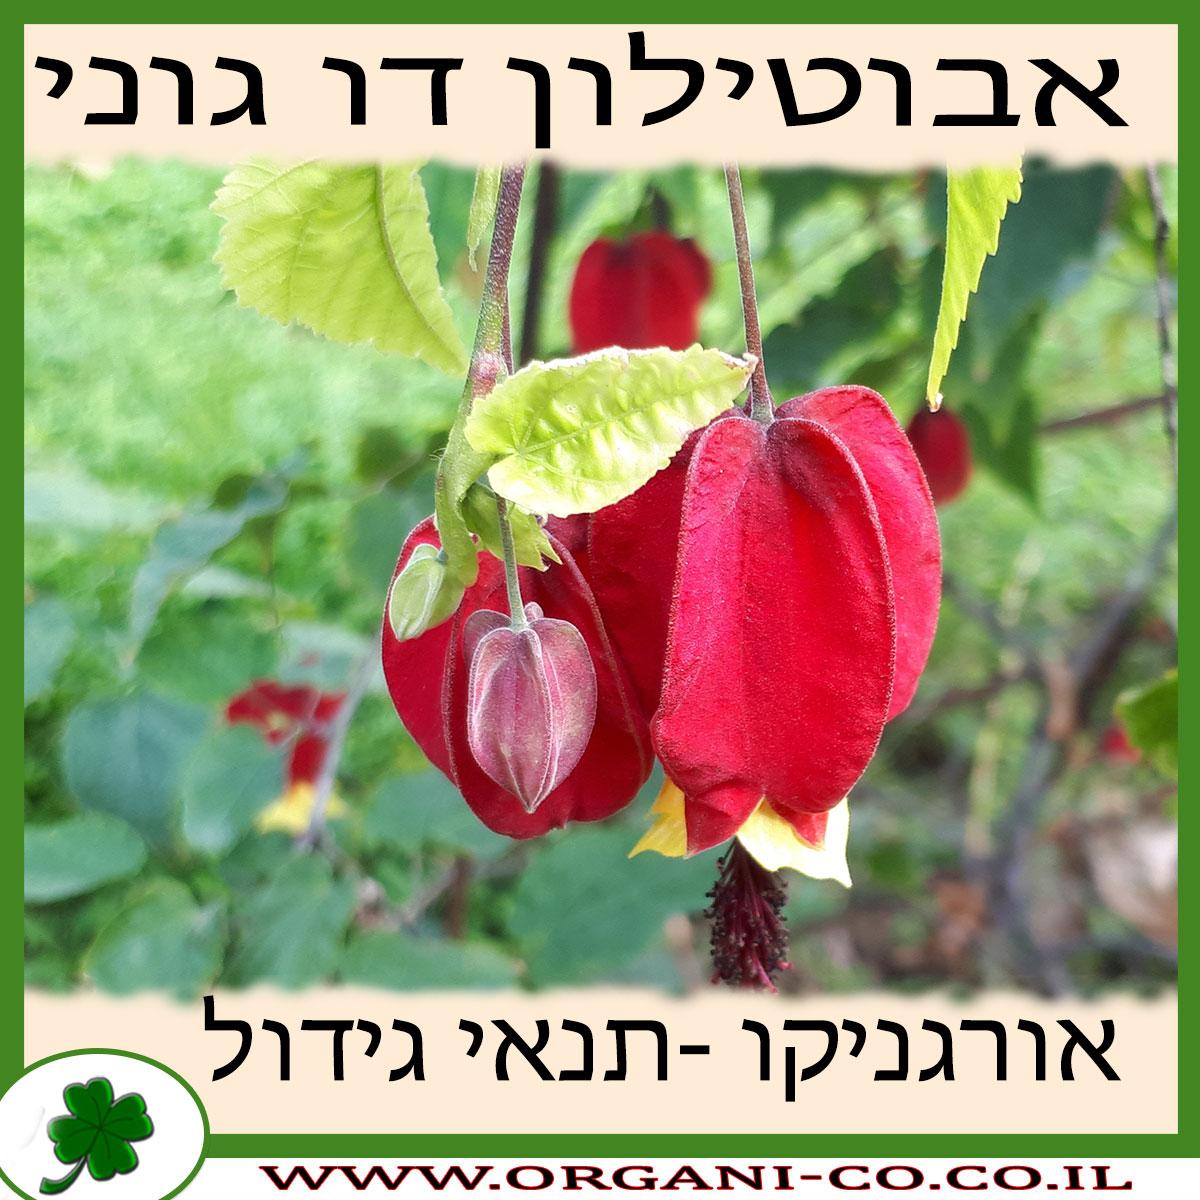 אבוטילון דו גוני - גידול צמח